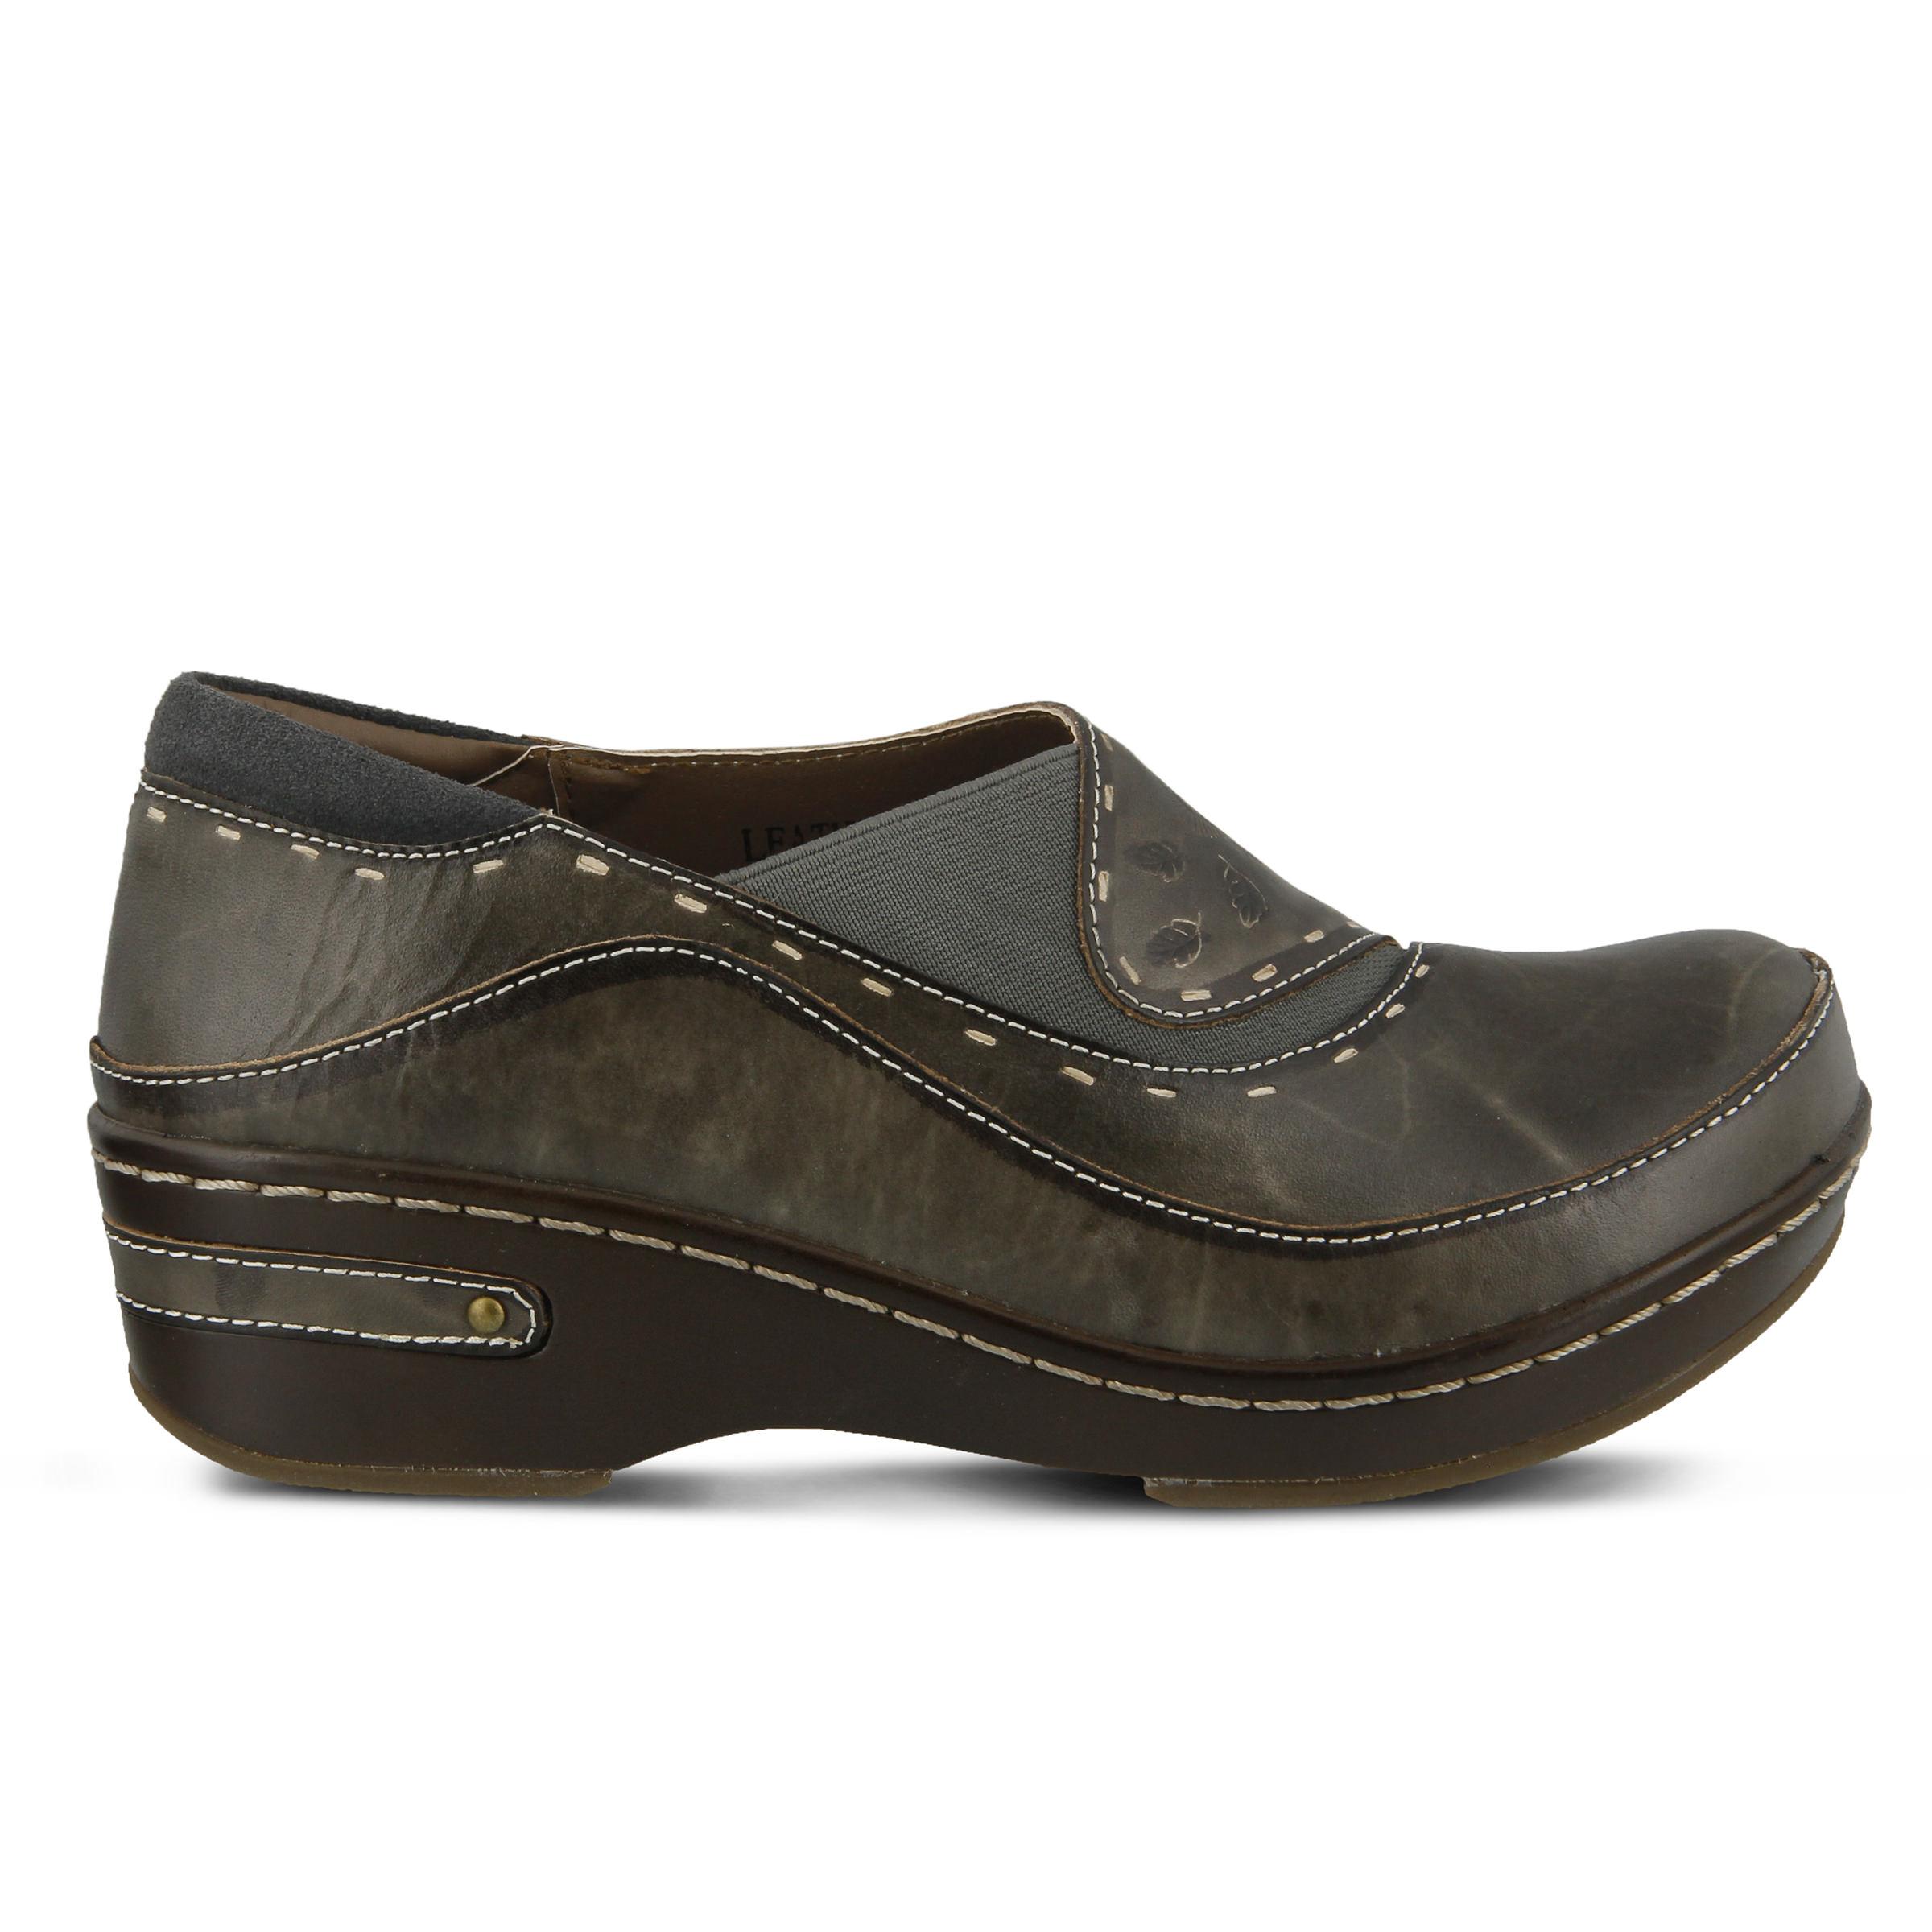 L'Artiste Burbank Women's Shoe (Gray Leather)